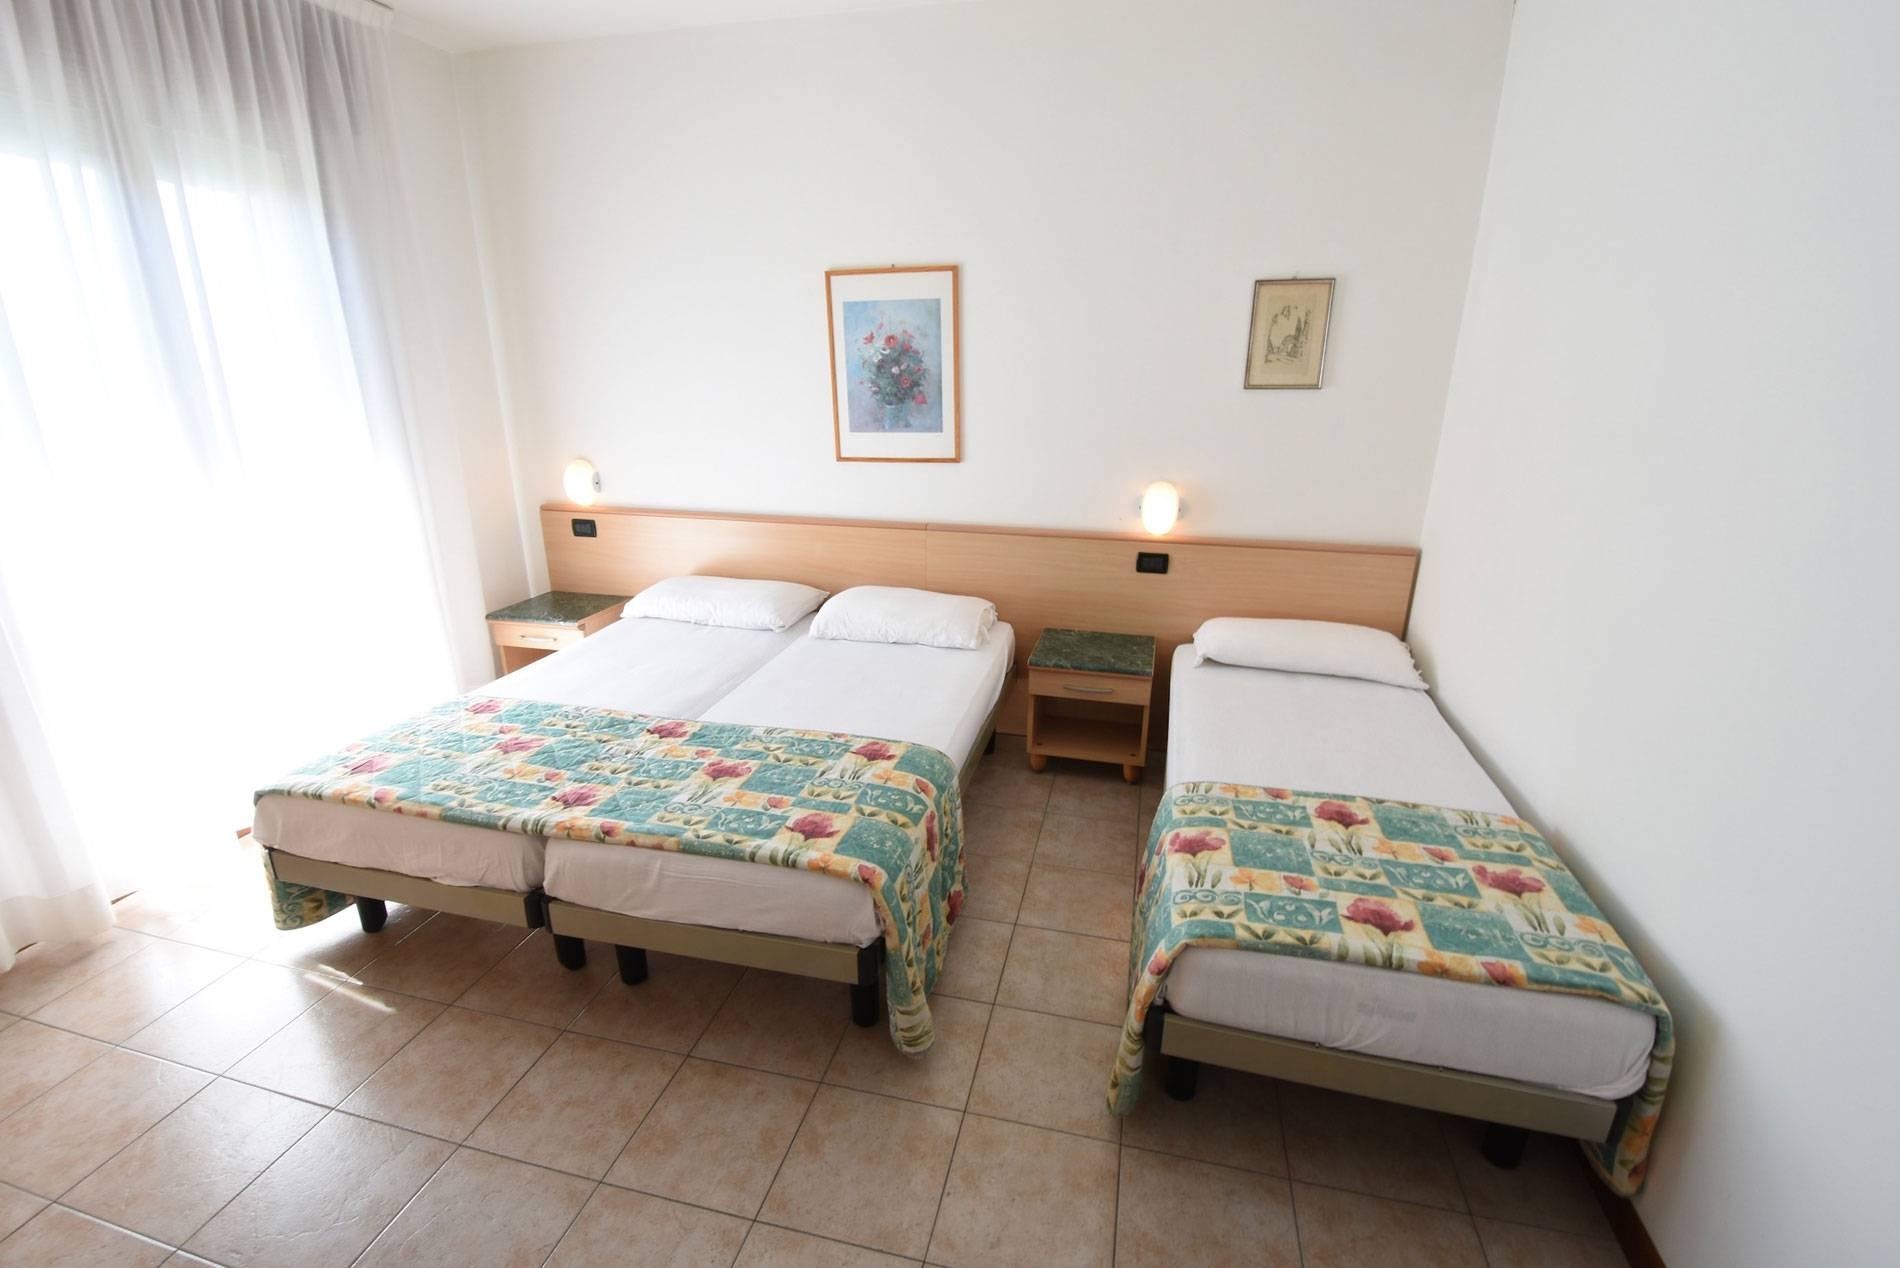 camera-tripla-jesolo-appartamento-1534265865